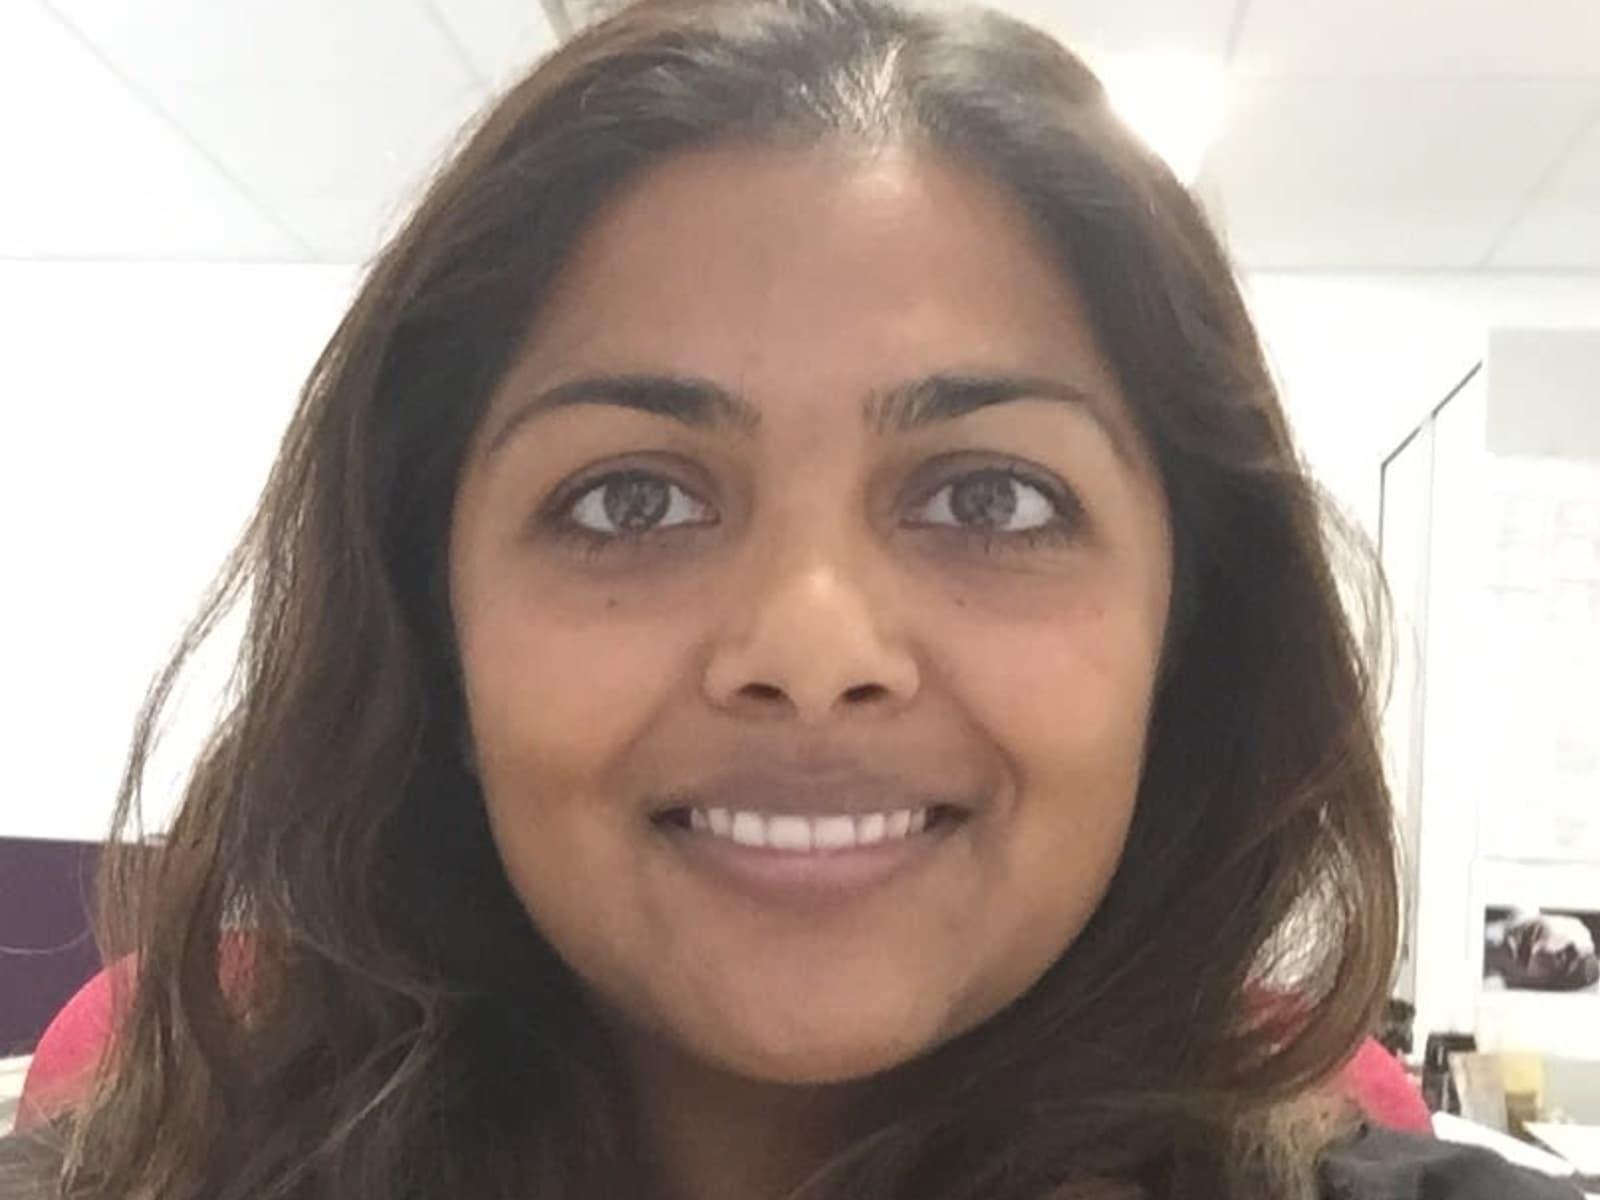 Lakshmi from London, United Kingdom